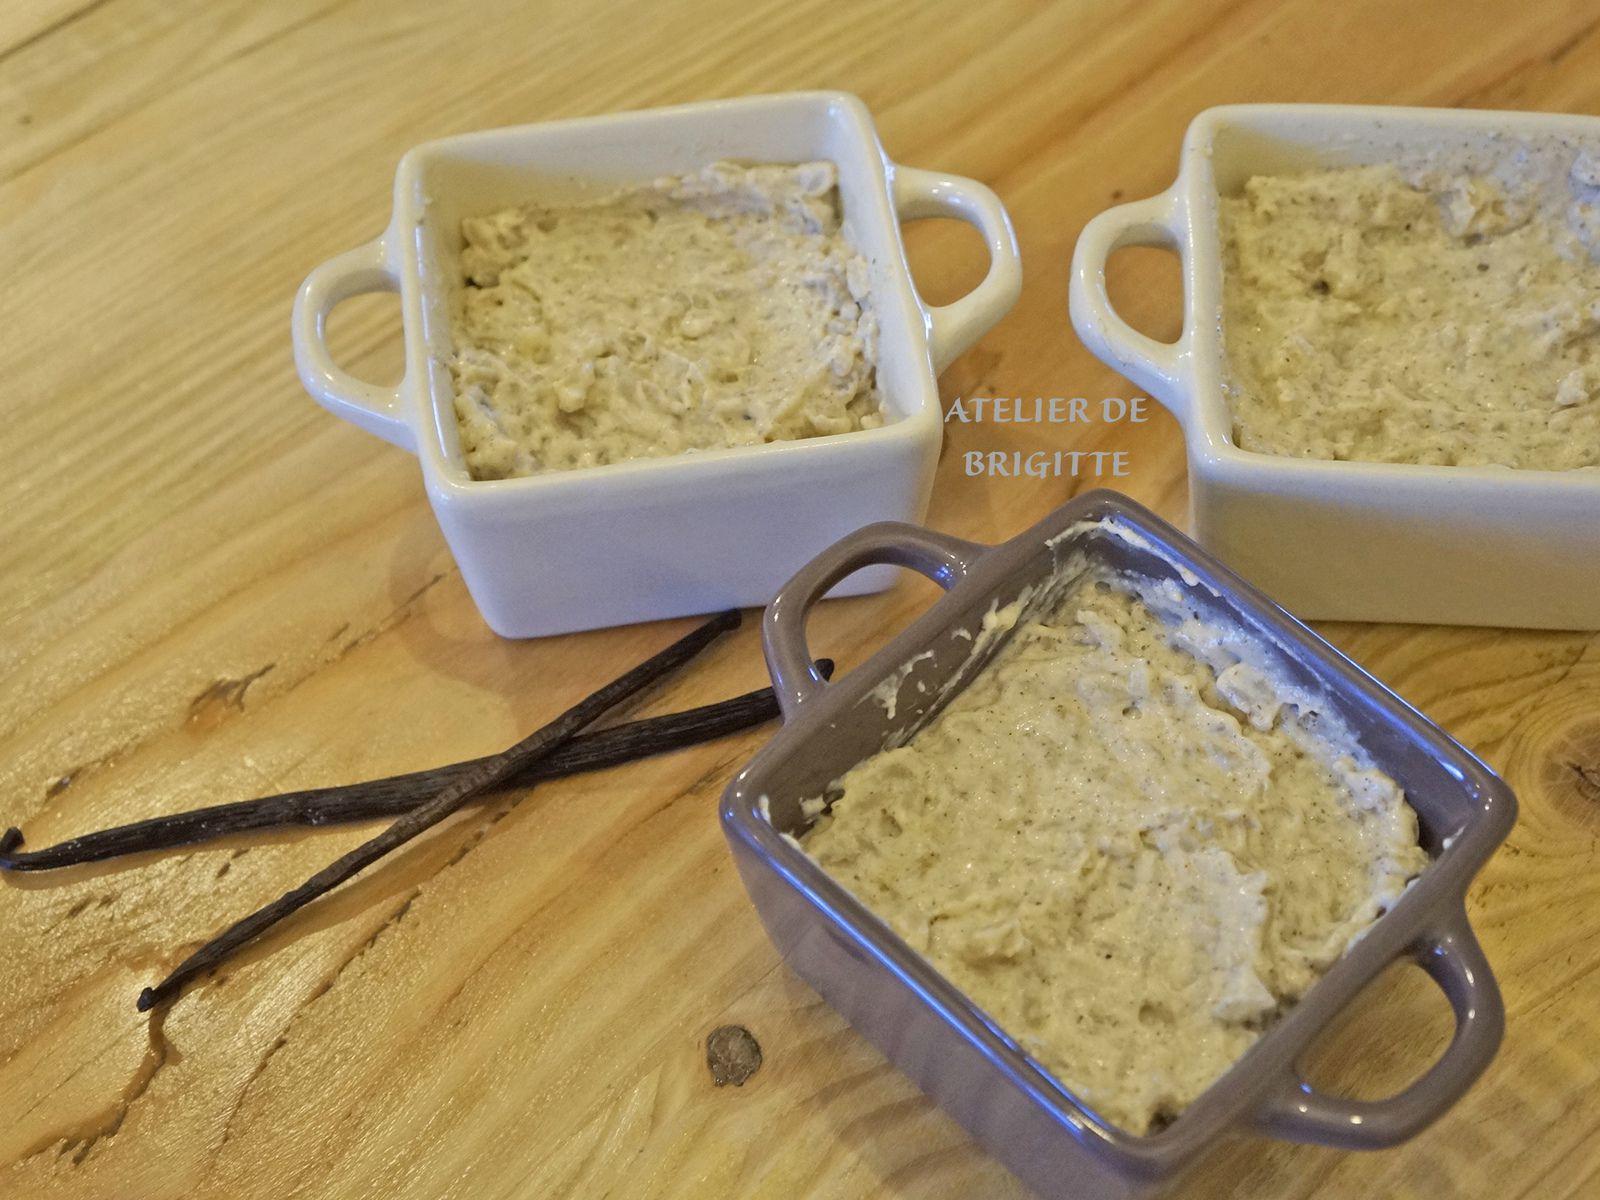 riz au lait, crémeux vanille, laitages, dessert, recette du placard, recette du confinement, #restezchezvous, recette de chef, recette facile